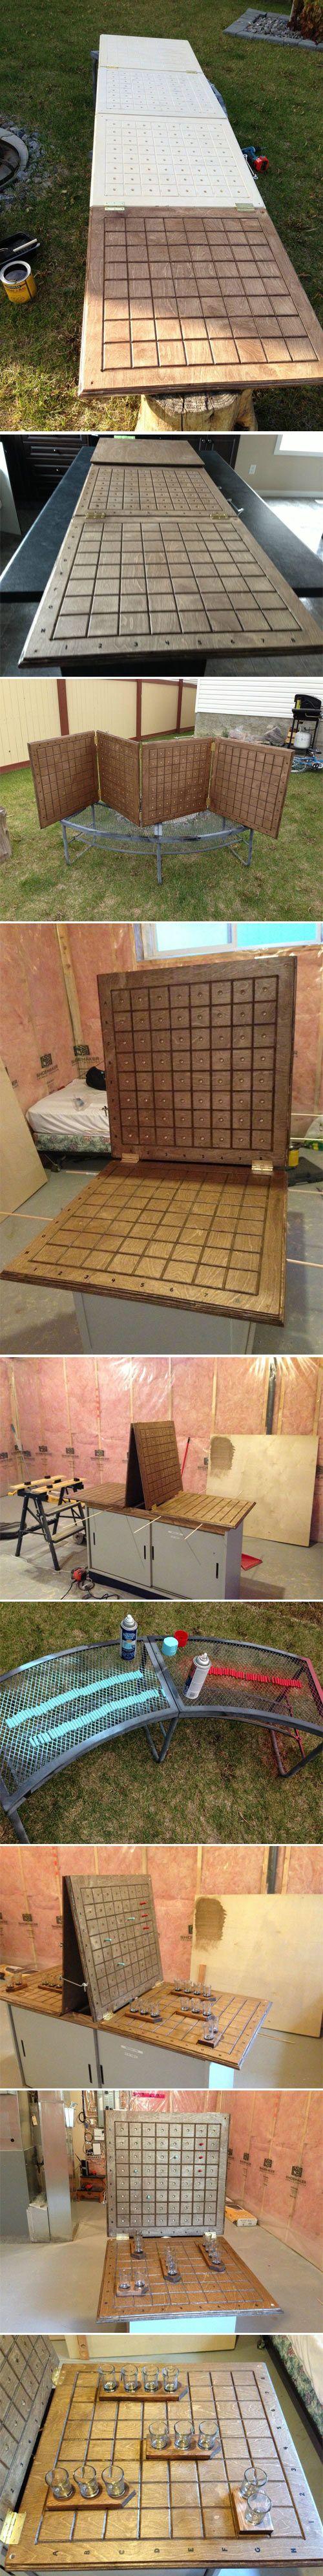 homemade battleshots u2026 carpentry homemade and gaming